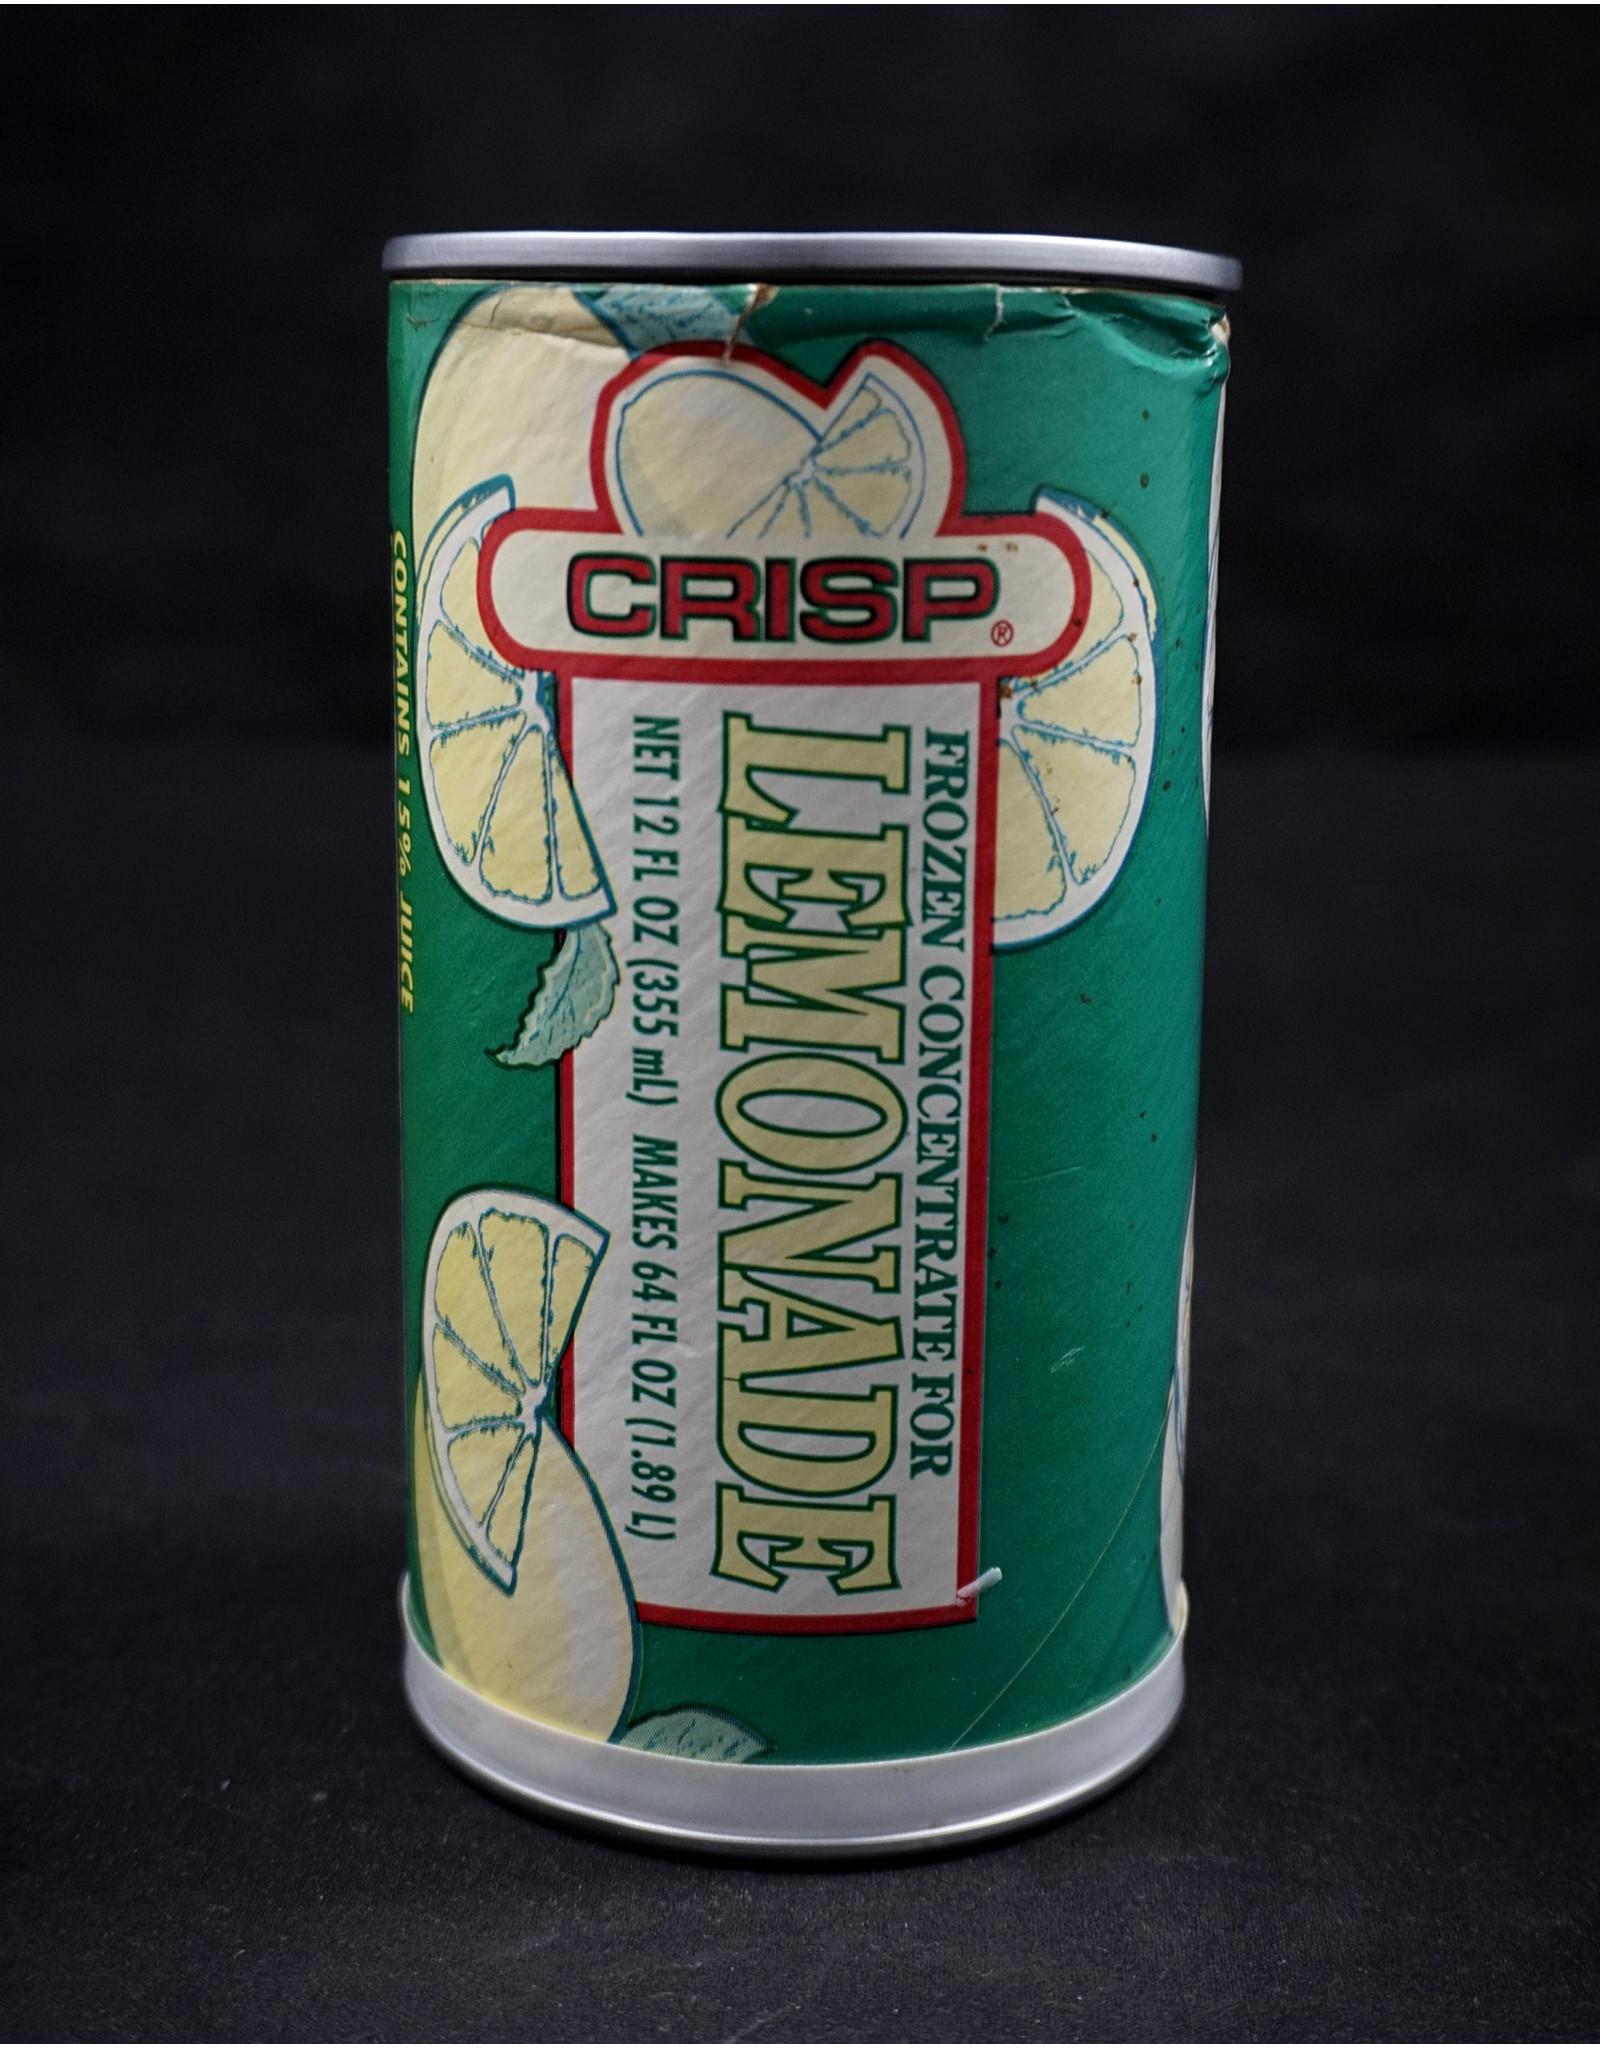 Crisp Lemonade Diversion Safe